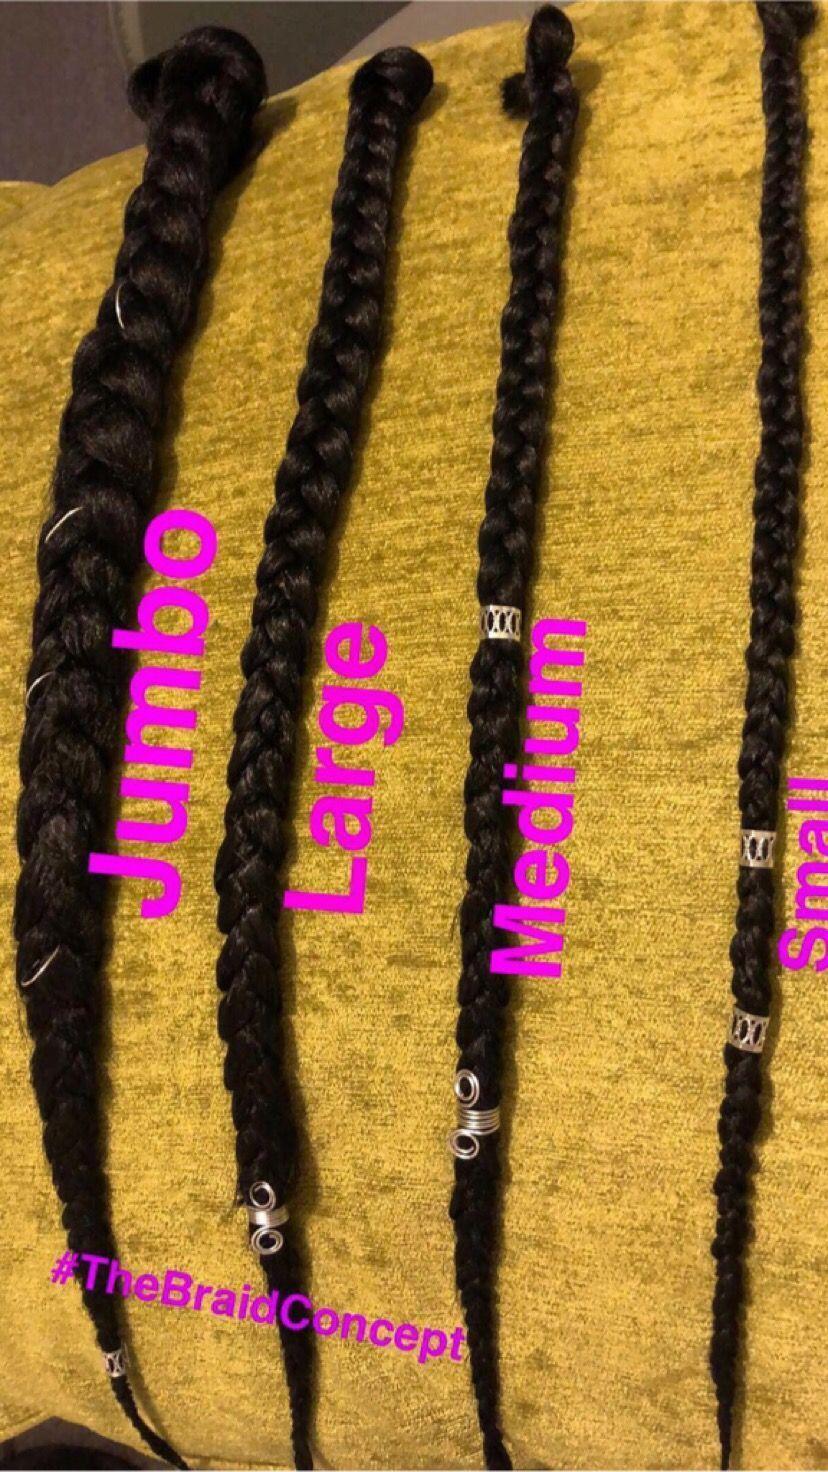 Braid Chart Braids Jumbo Braids Box Braids Braids Sizes Braided Hairstyles Box Braids Hairstyles Box Braids Styling